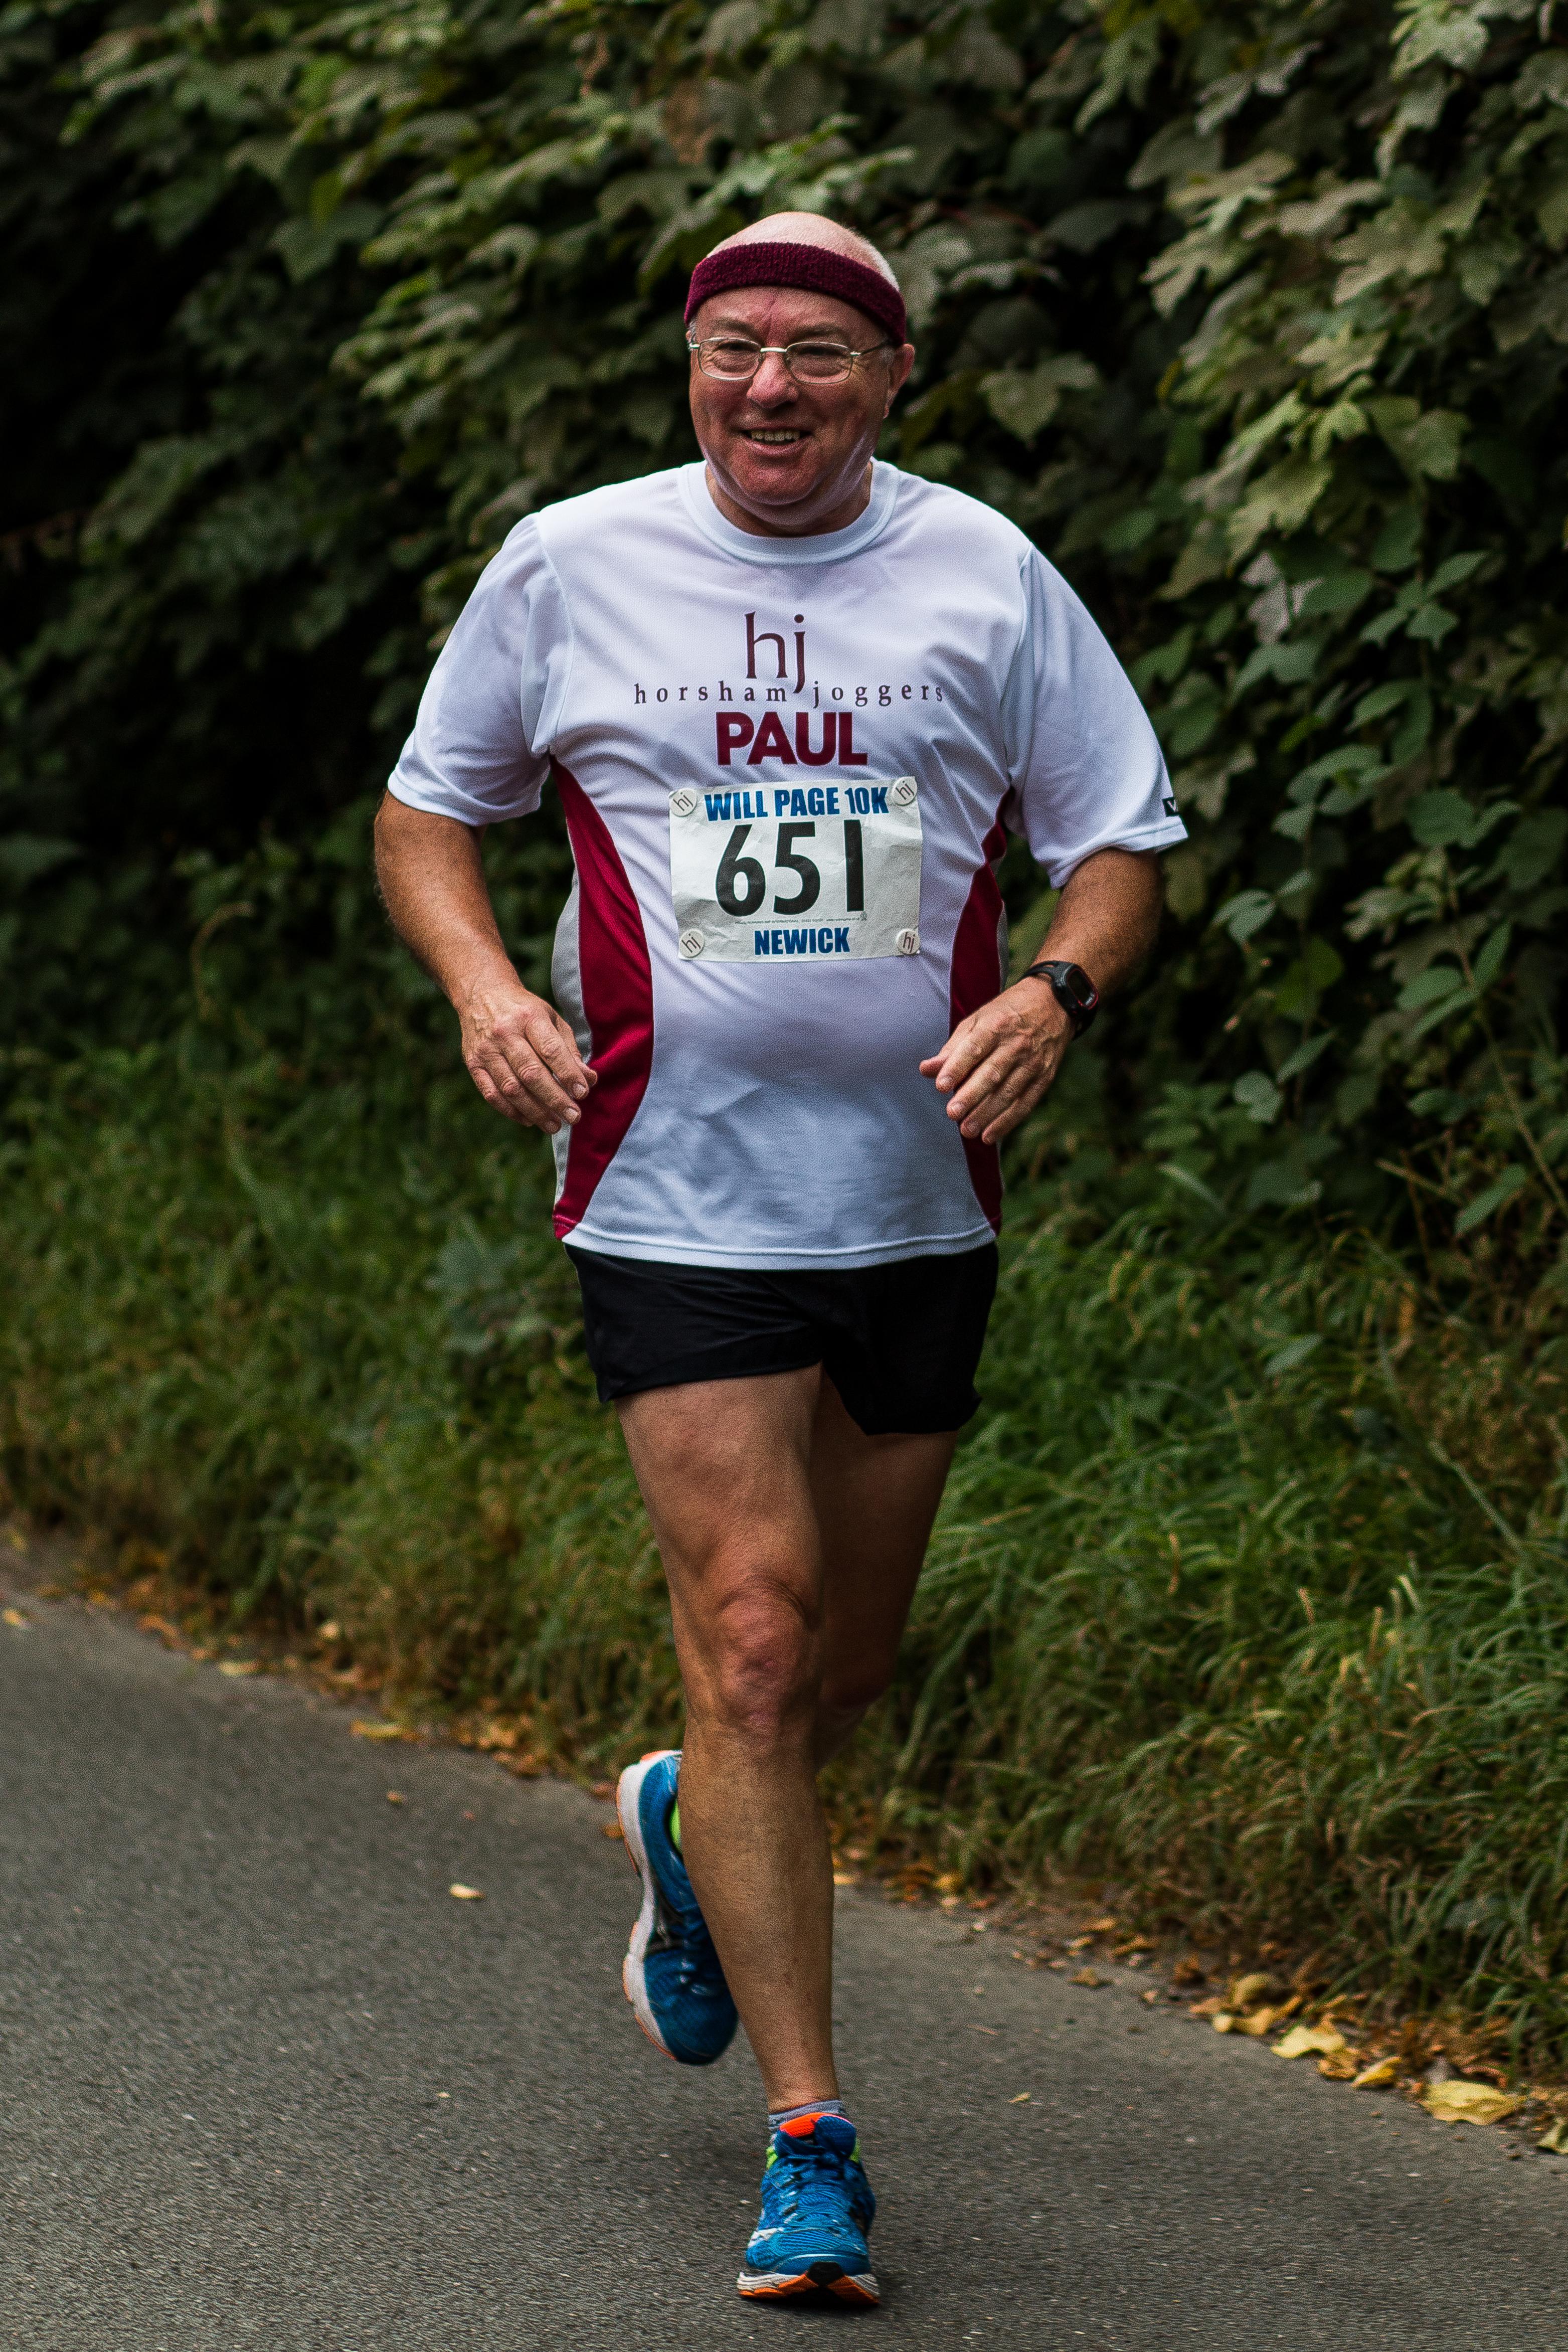 Runner - 651